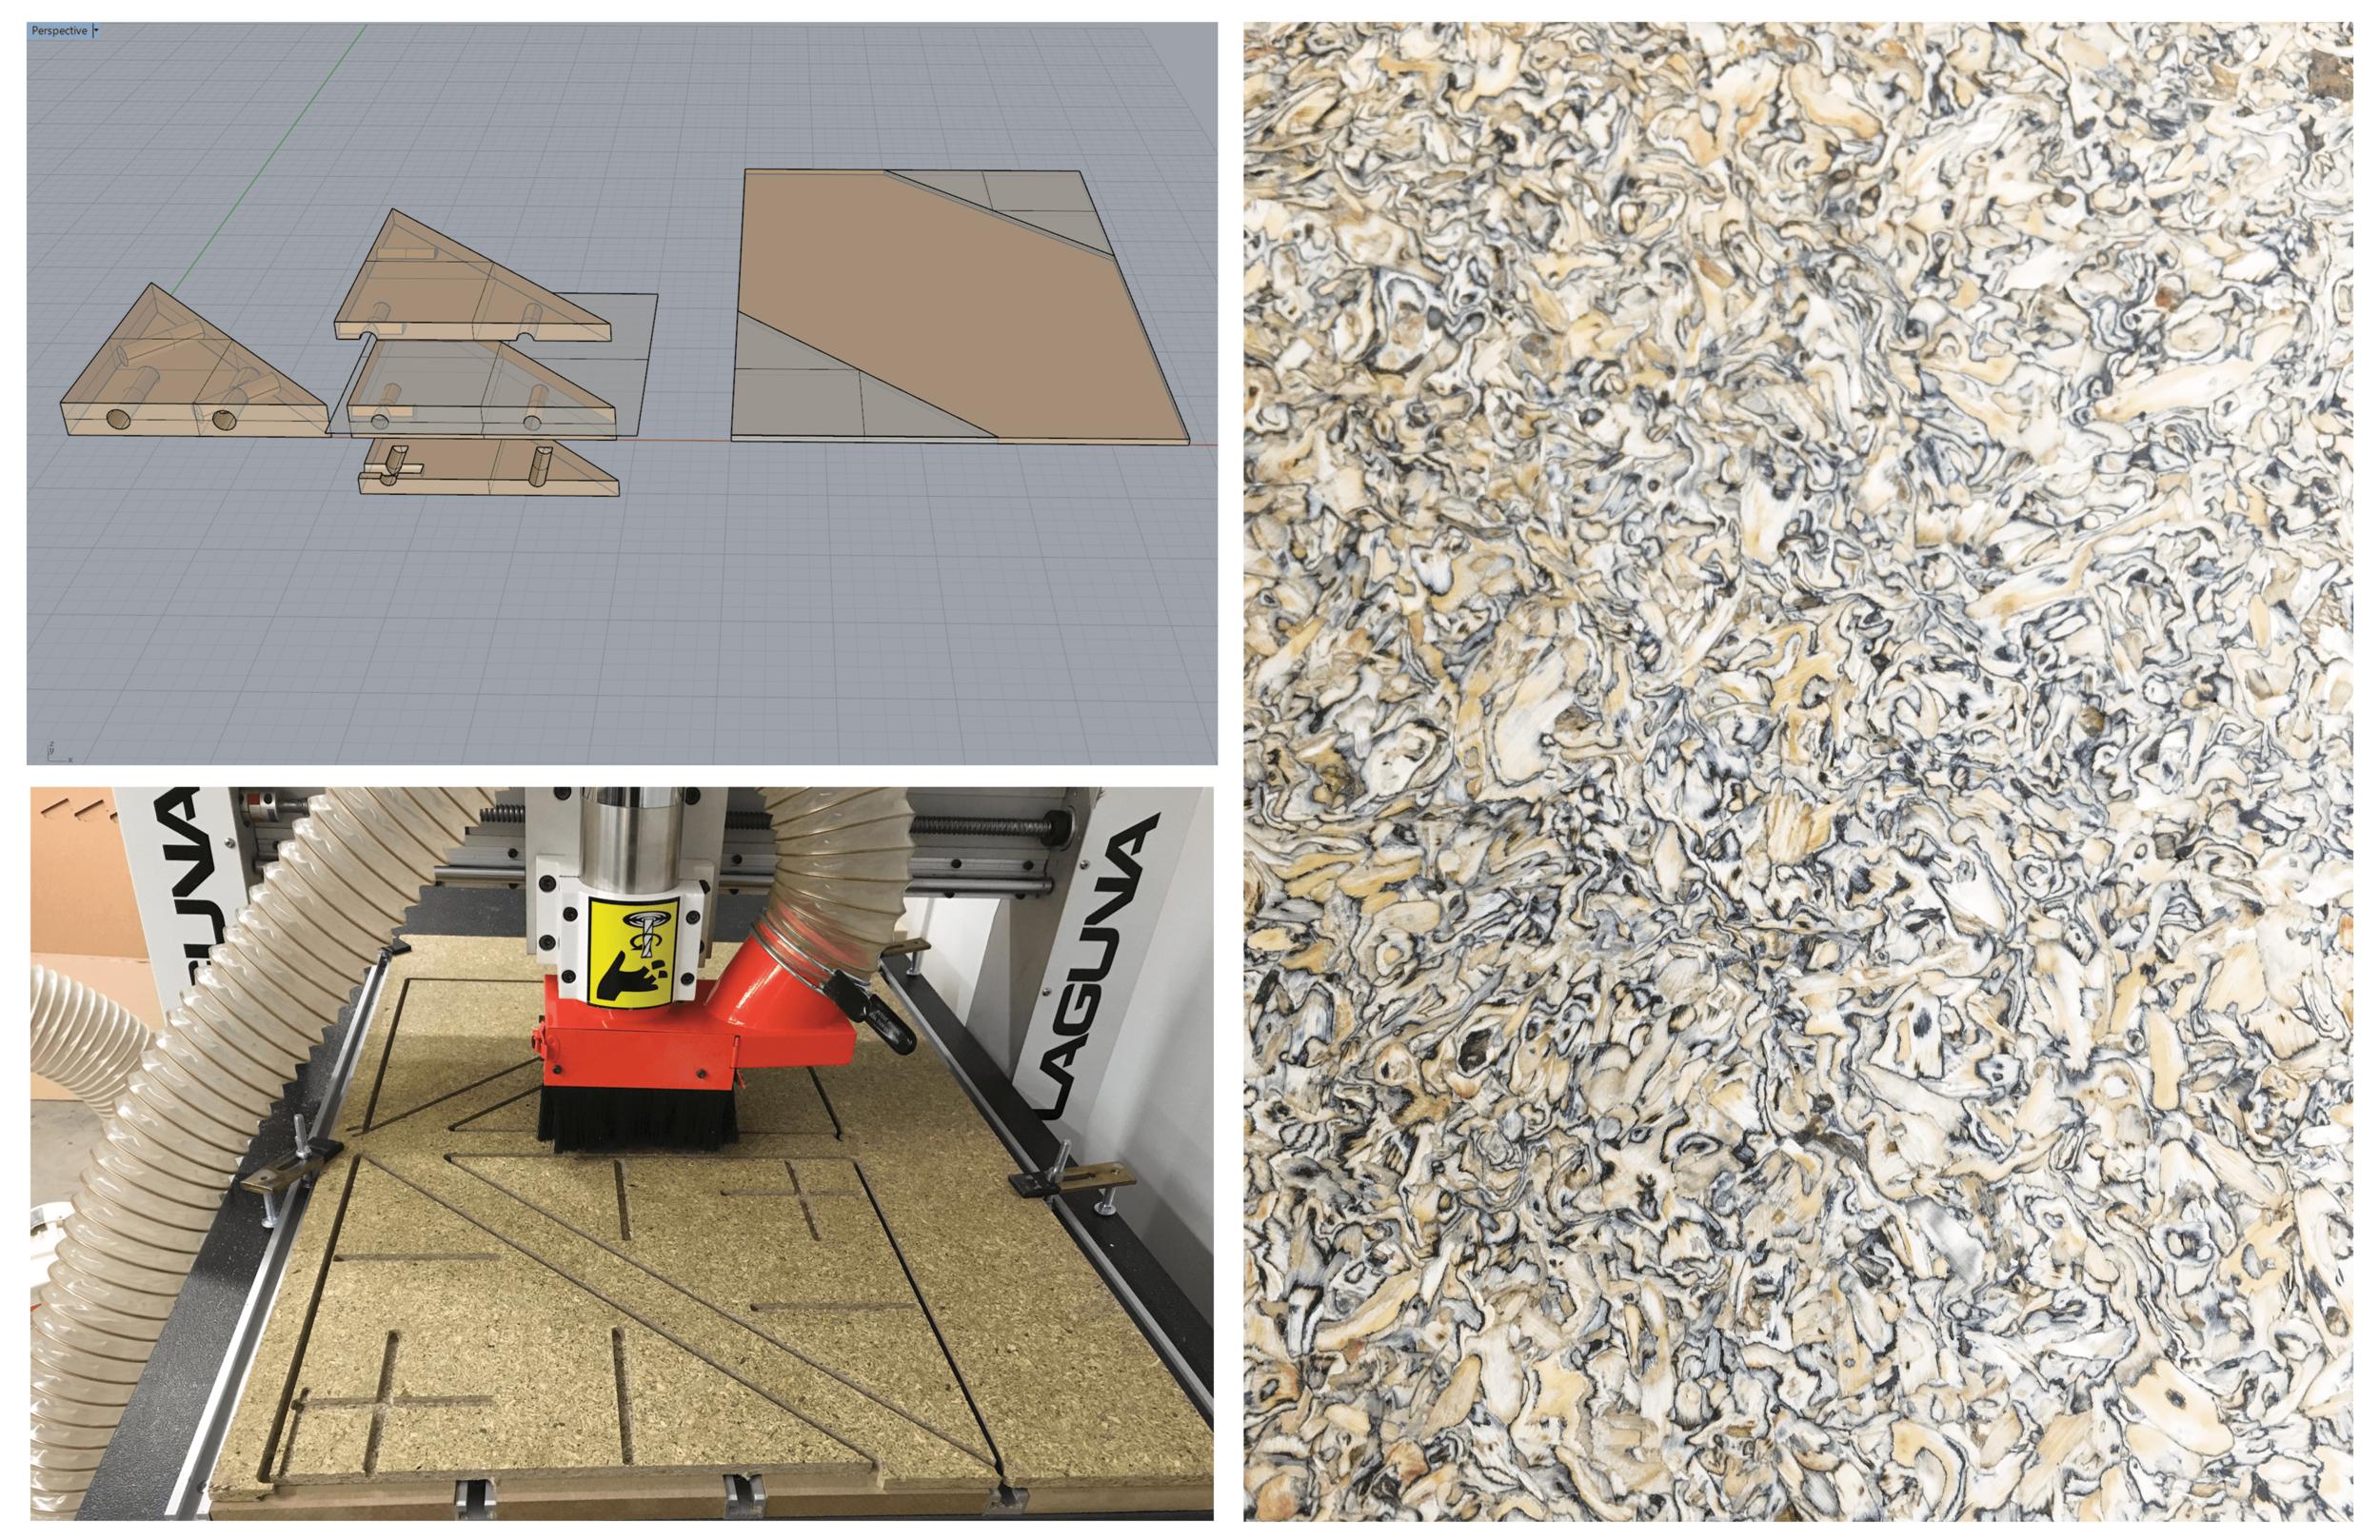 PROCESS - sketching | Rhino modeling | CNC routing | laser